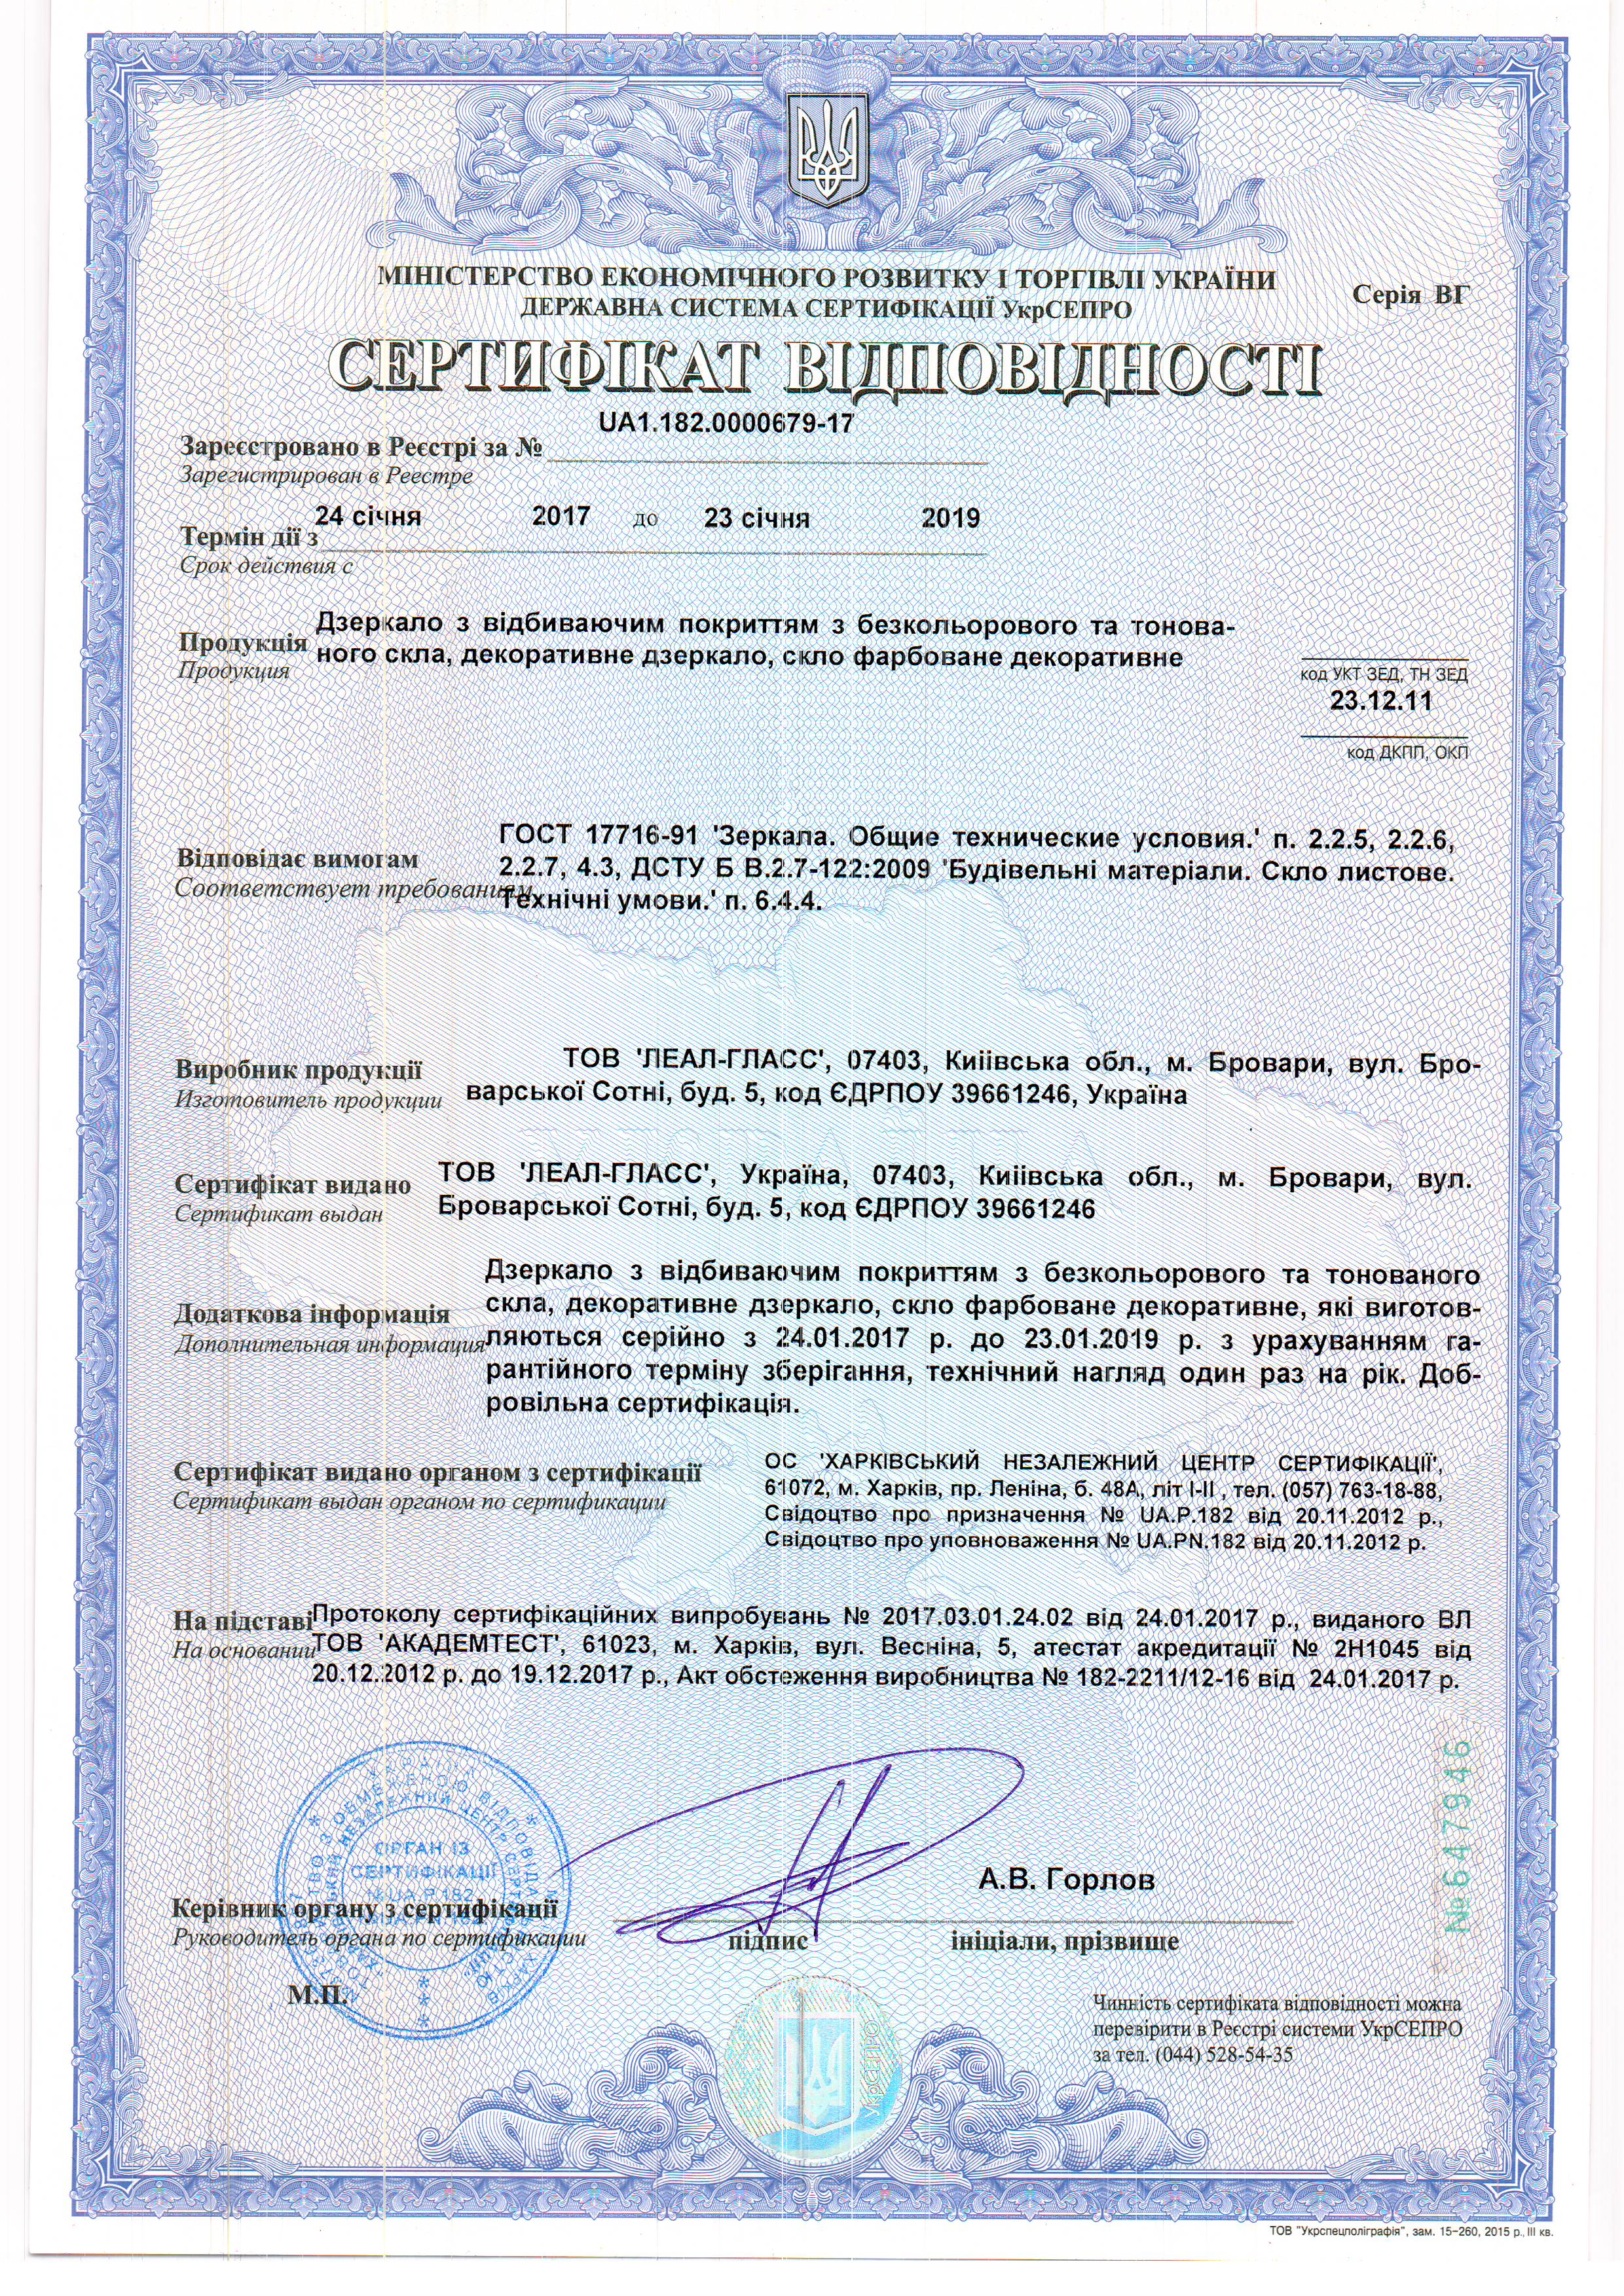 Сертификат соответствия качества продукции ТМ Гарант